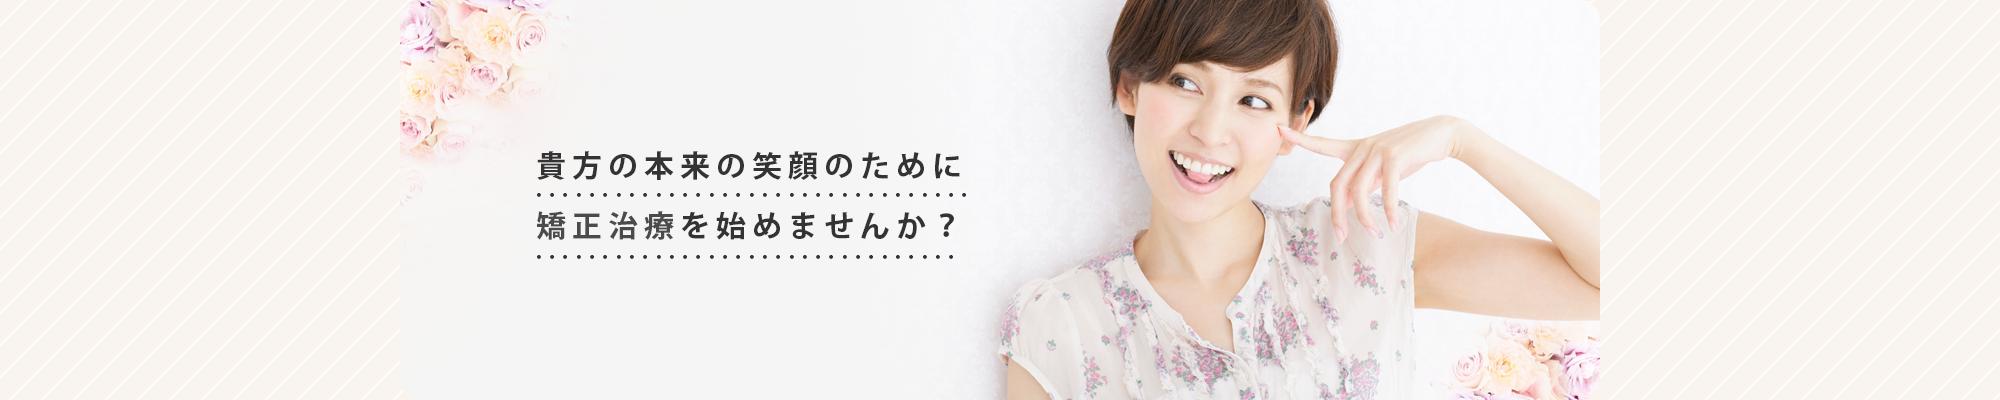 貴方の本来の笑顔のために 矯正治療を始めませんか?